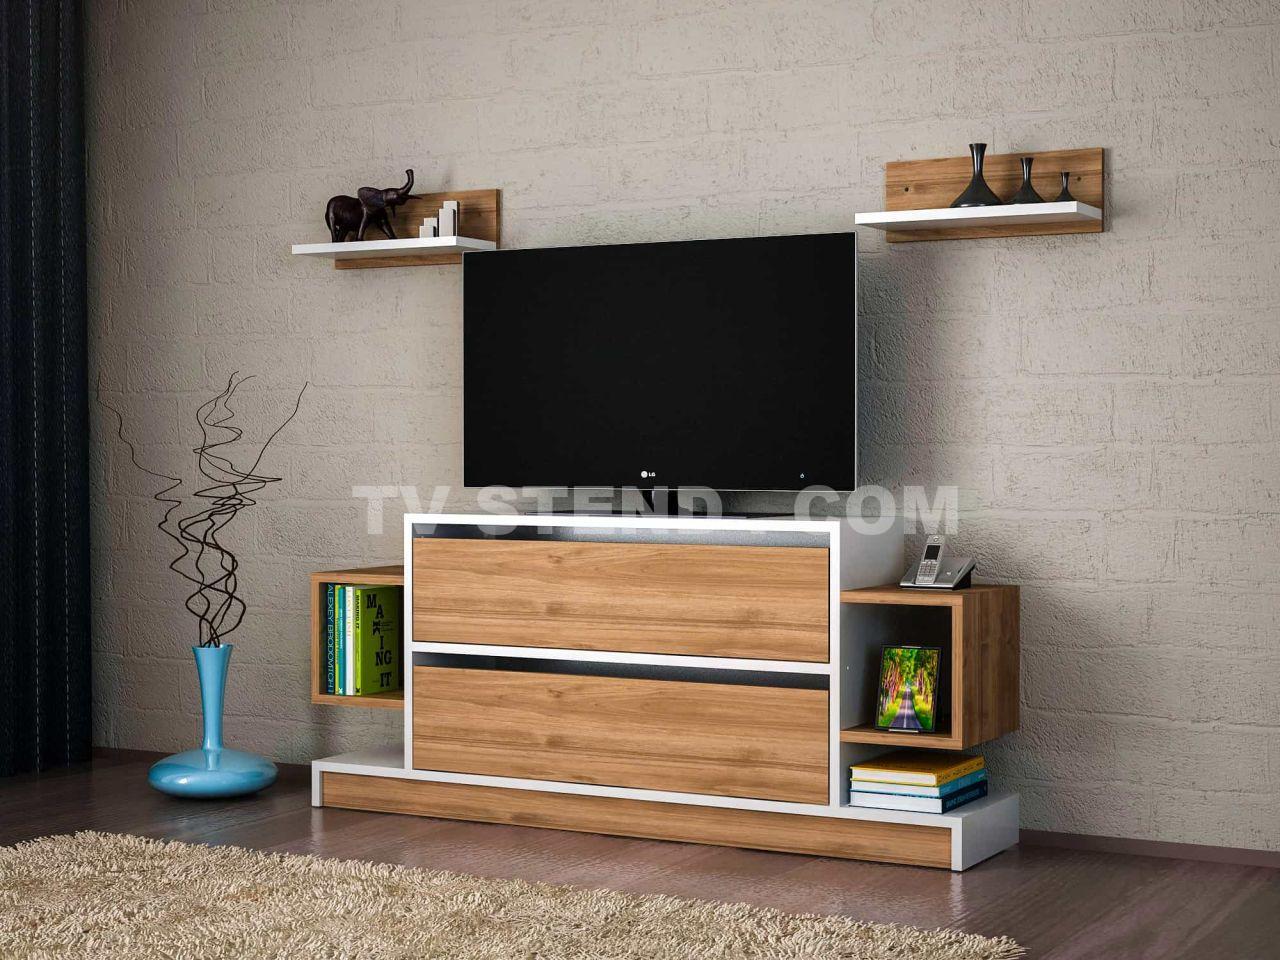 Magic televizor altlığı